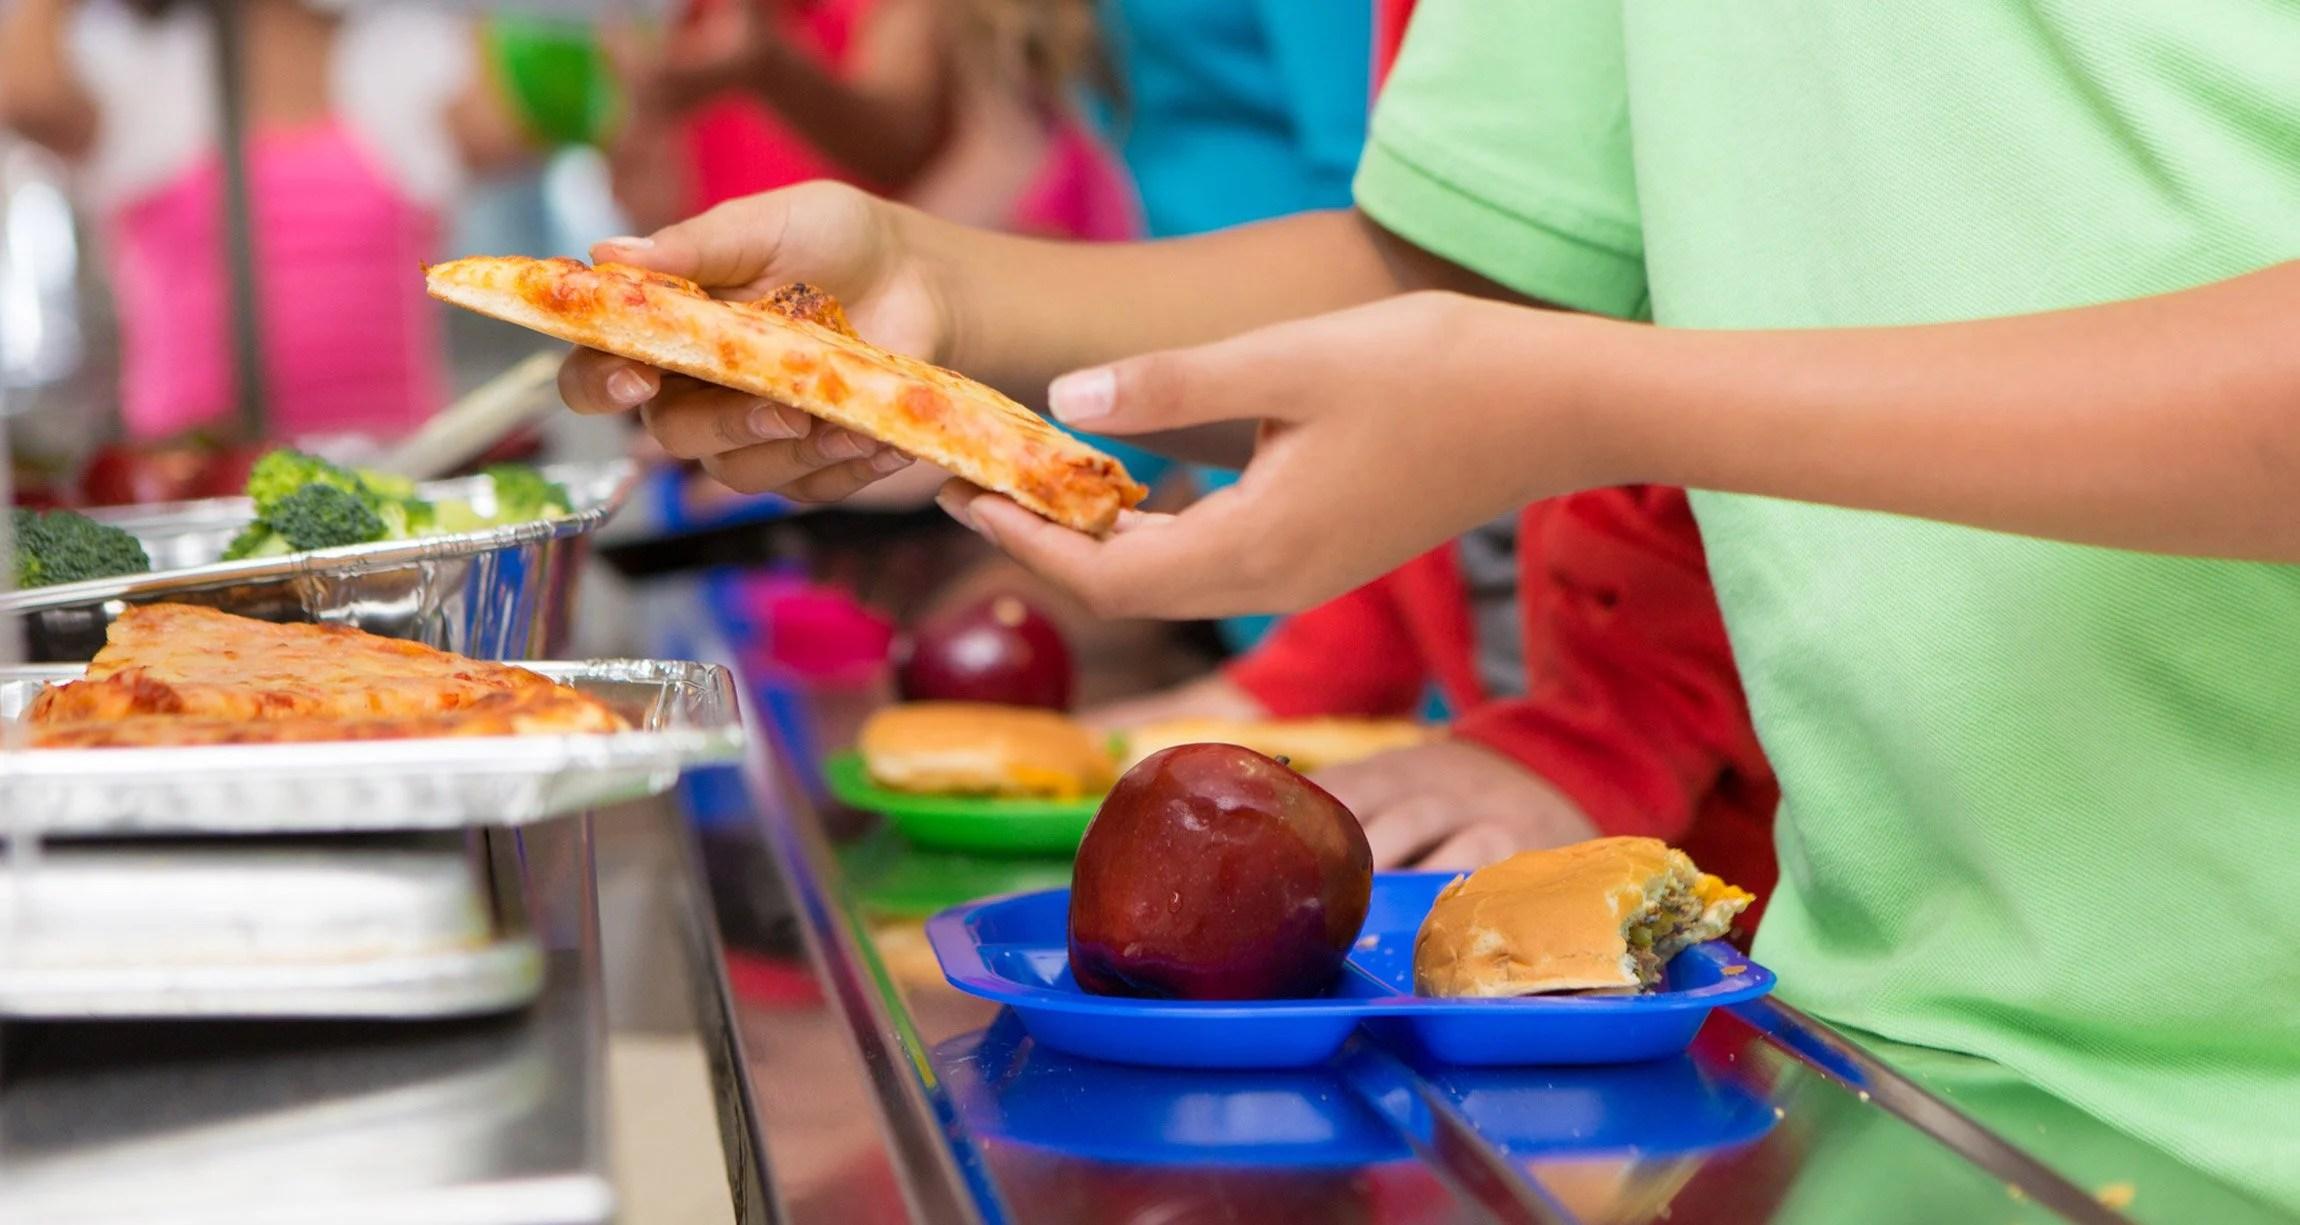 school lunch in america